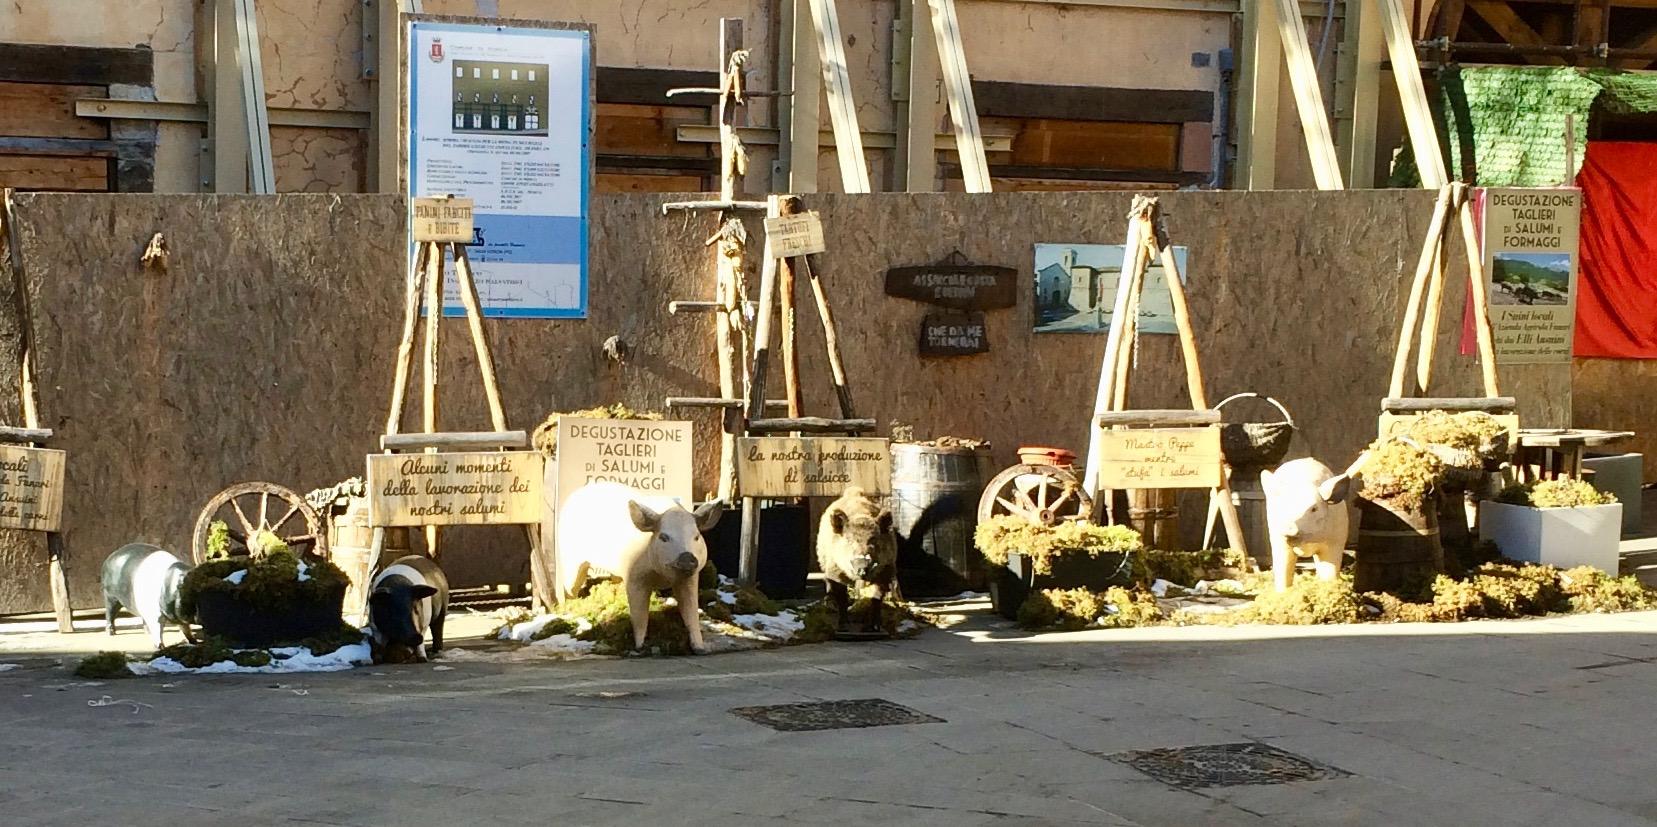 Model Pigs Advertising the Ansuini Norcineria, Norcia, Umbria